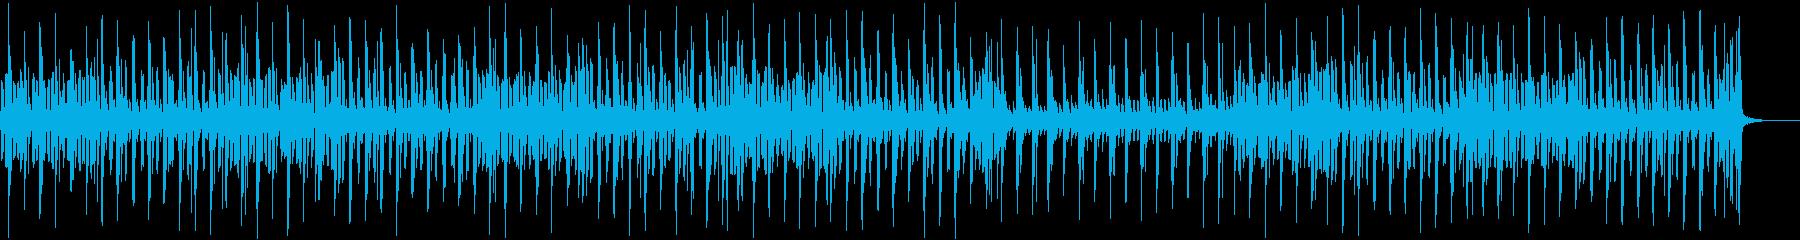 へたっぴリコーダーのほのぼのとした曲の再生済みの波形